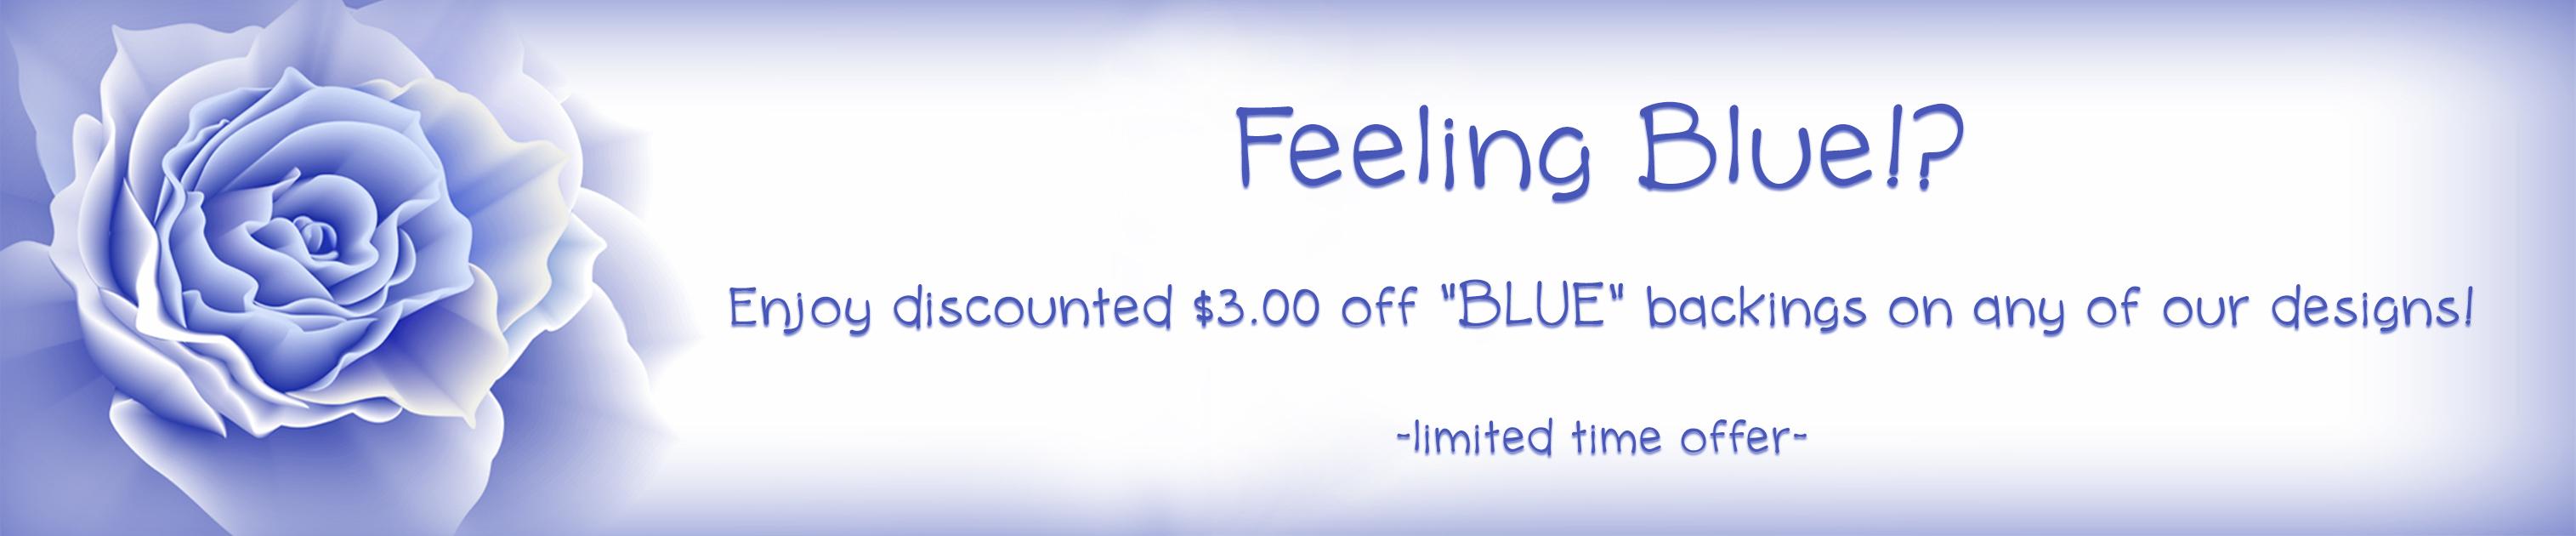 feeling-blue-sale-.jpg